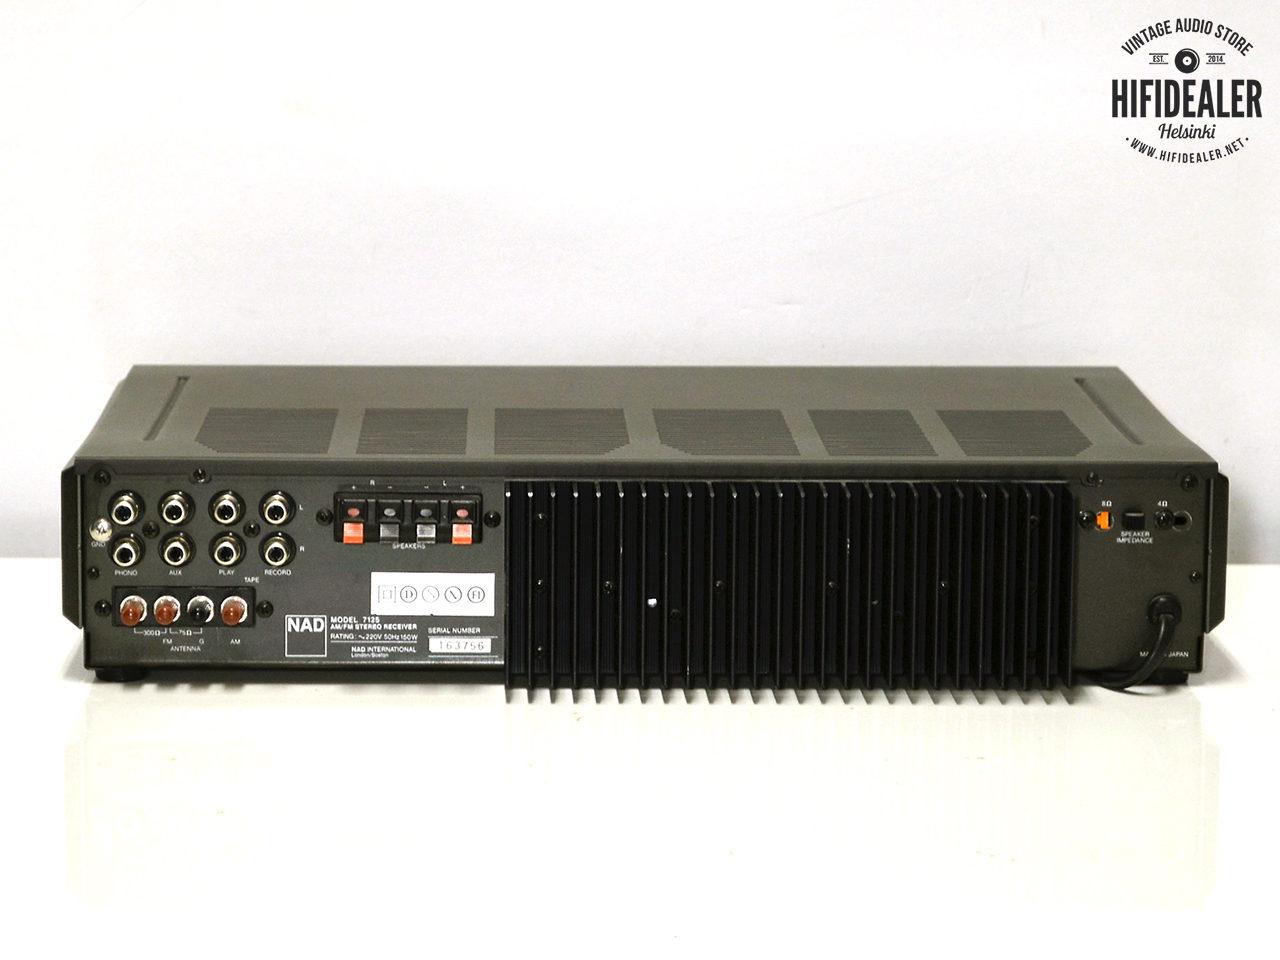 nad-7125-2